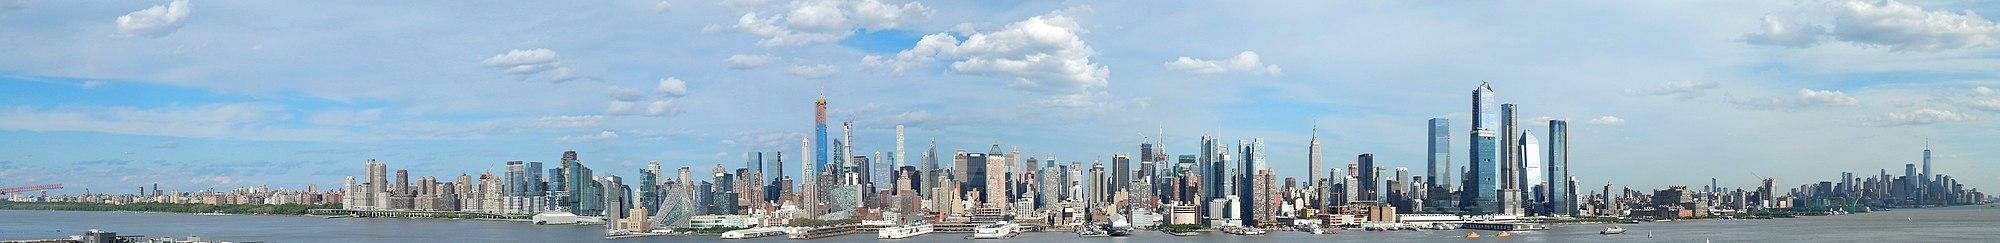 Grattacieli Di New York Wikipedia